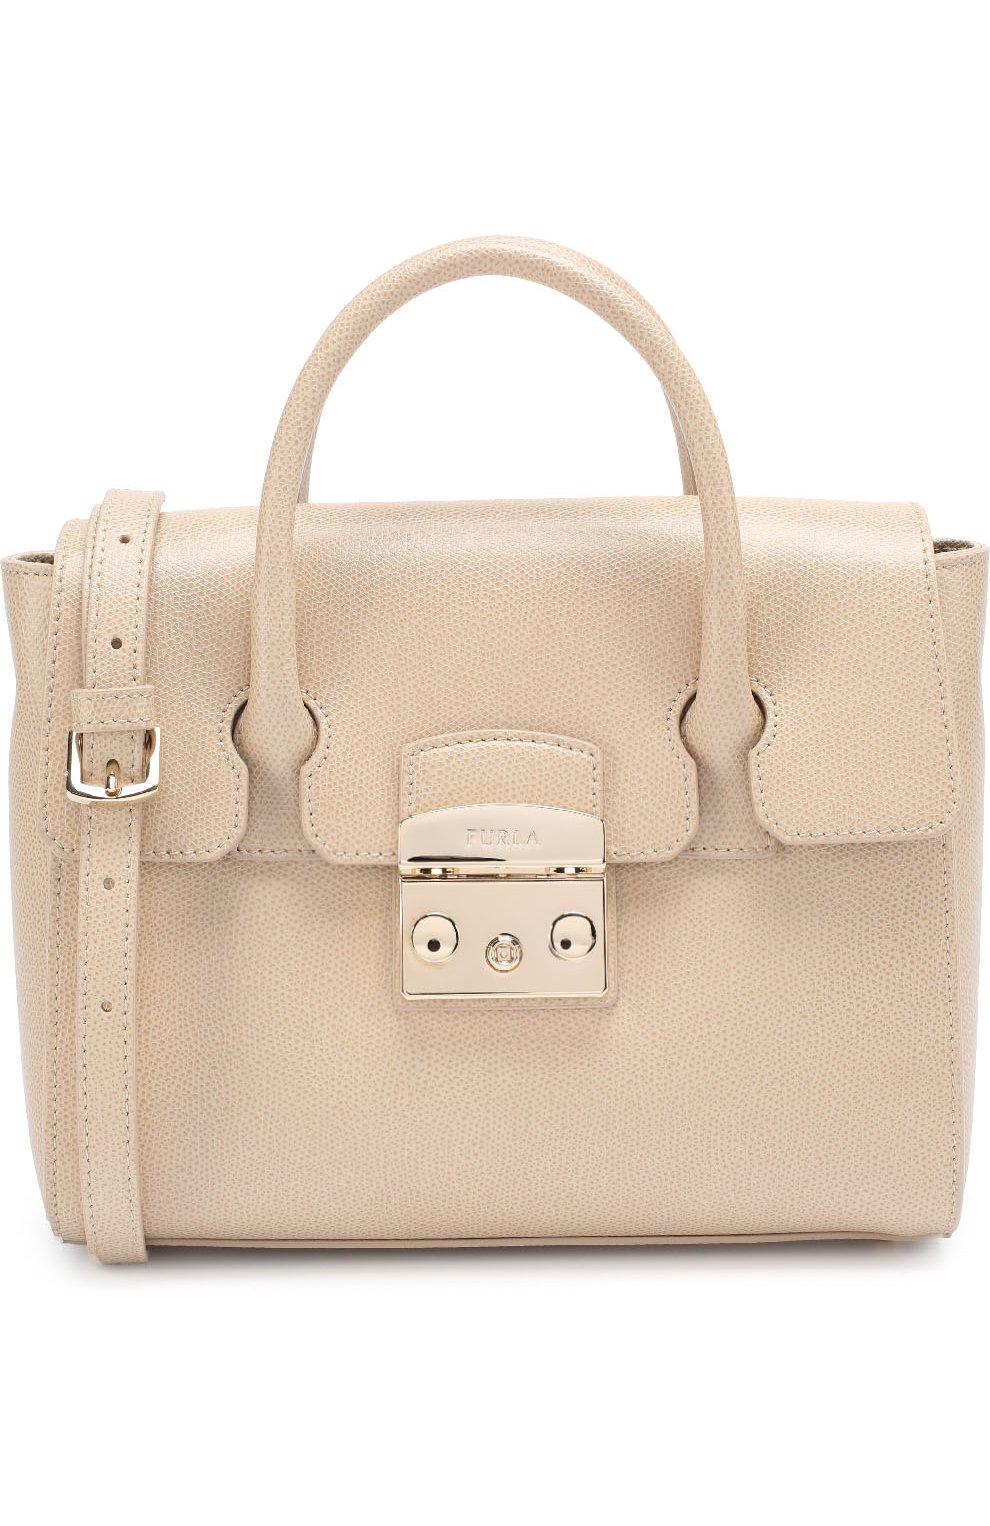 Женская сумка-тоут metropolis FURLA бежевого цвета — купить за 29000 ... 9286b571a0b